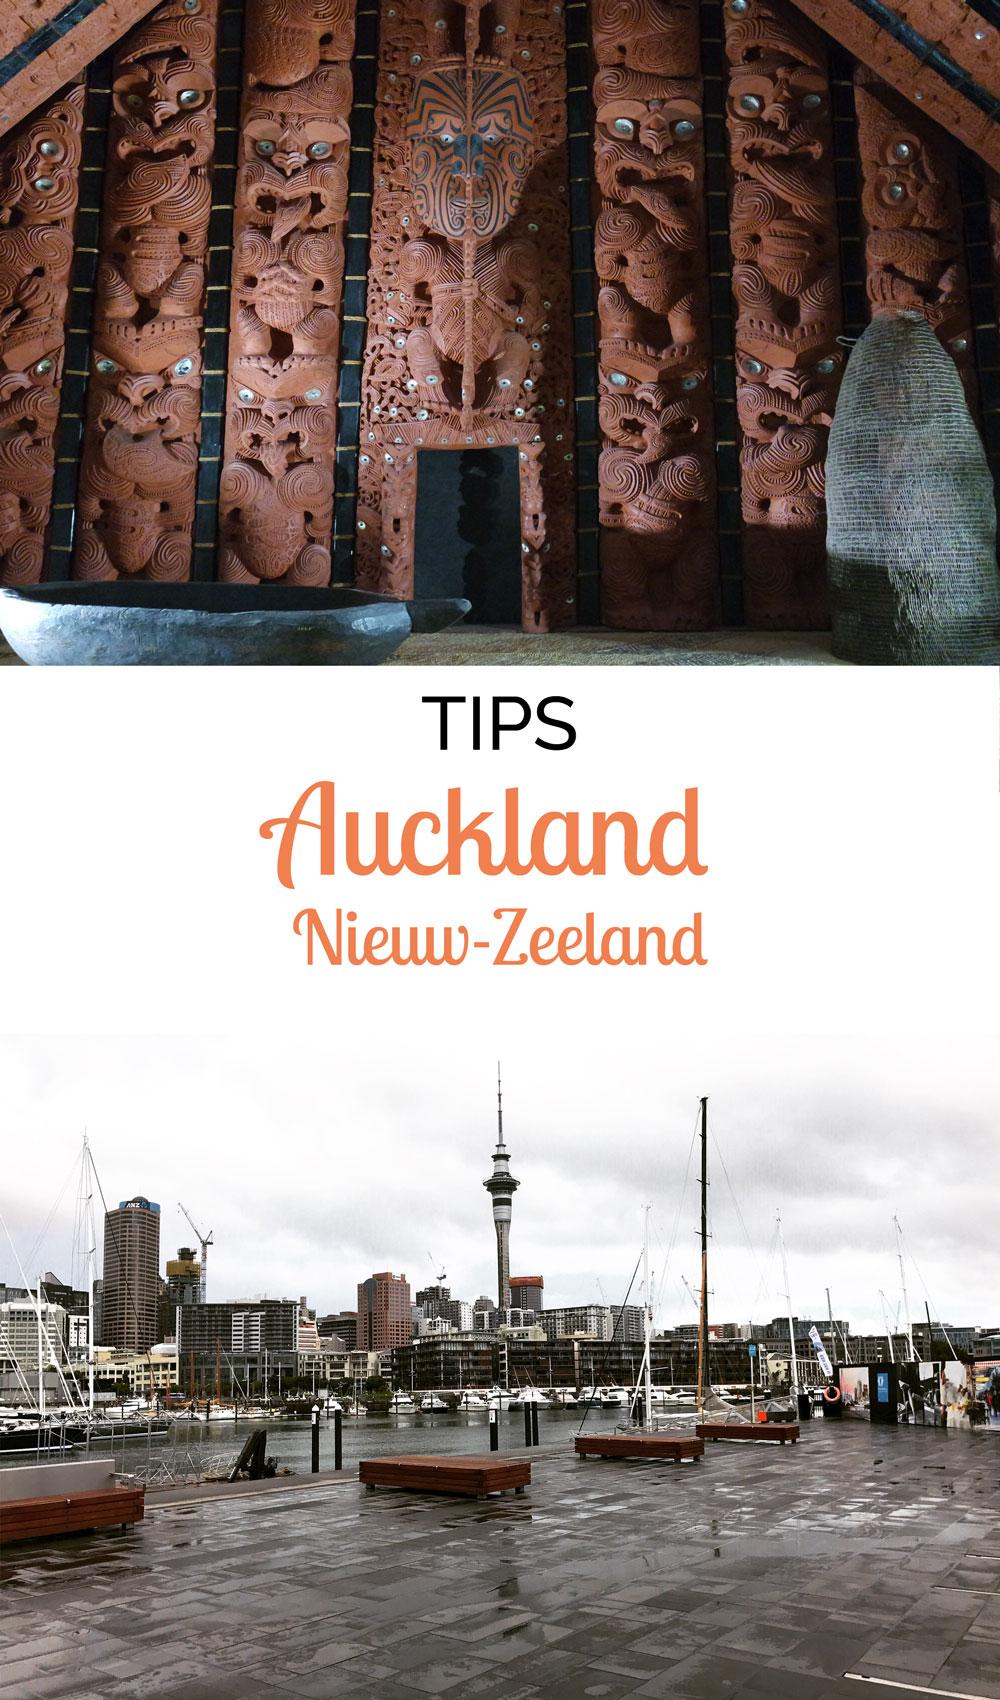 Nieuw-Zeeland - Auckland